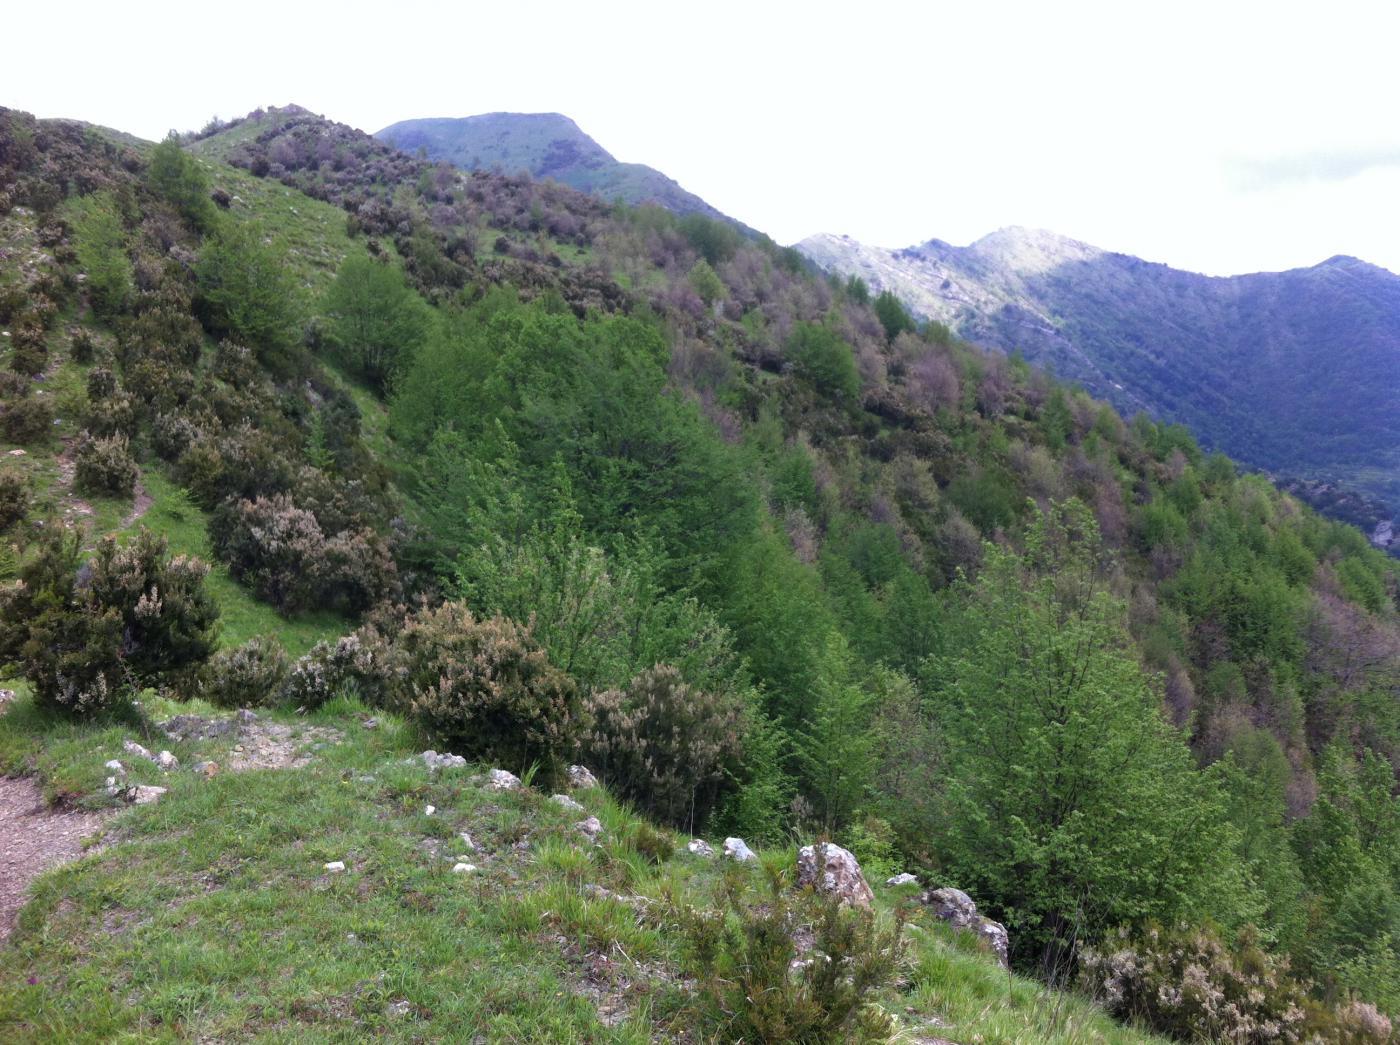 Alpesisa al centro,con cresta di salita. A dx Monte Lago e discesa su Canate